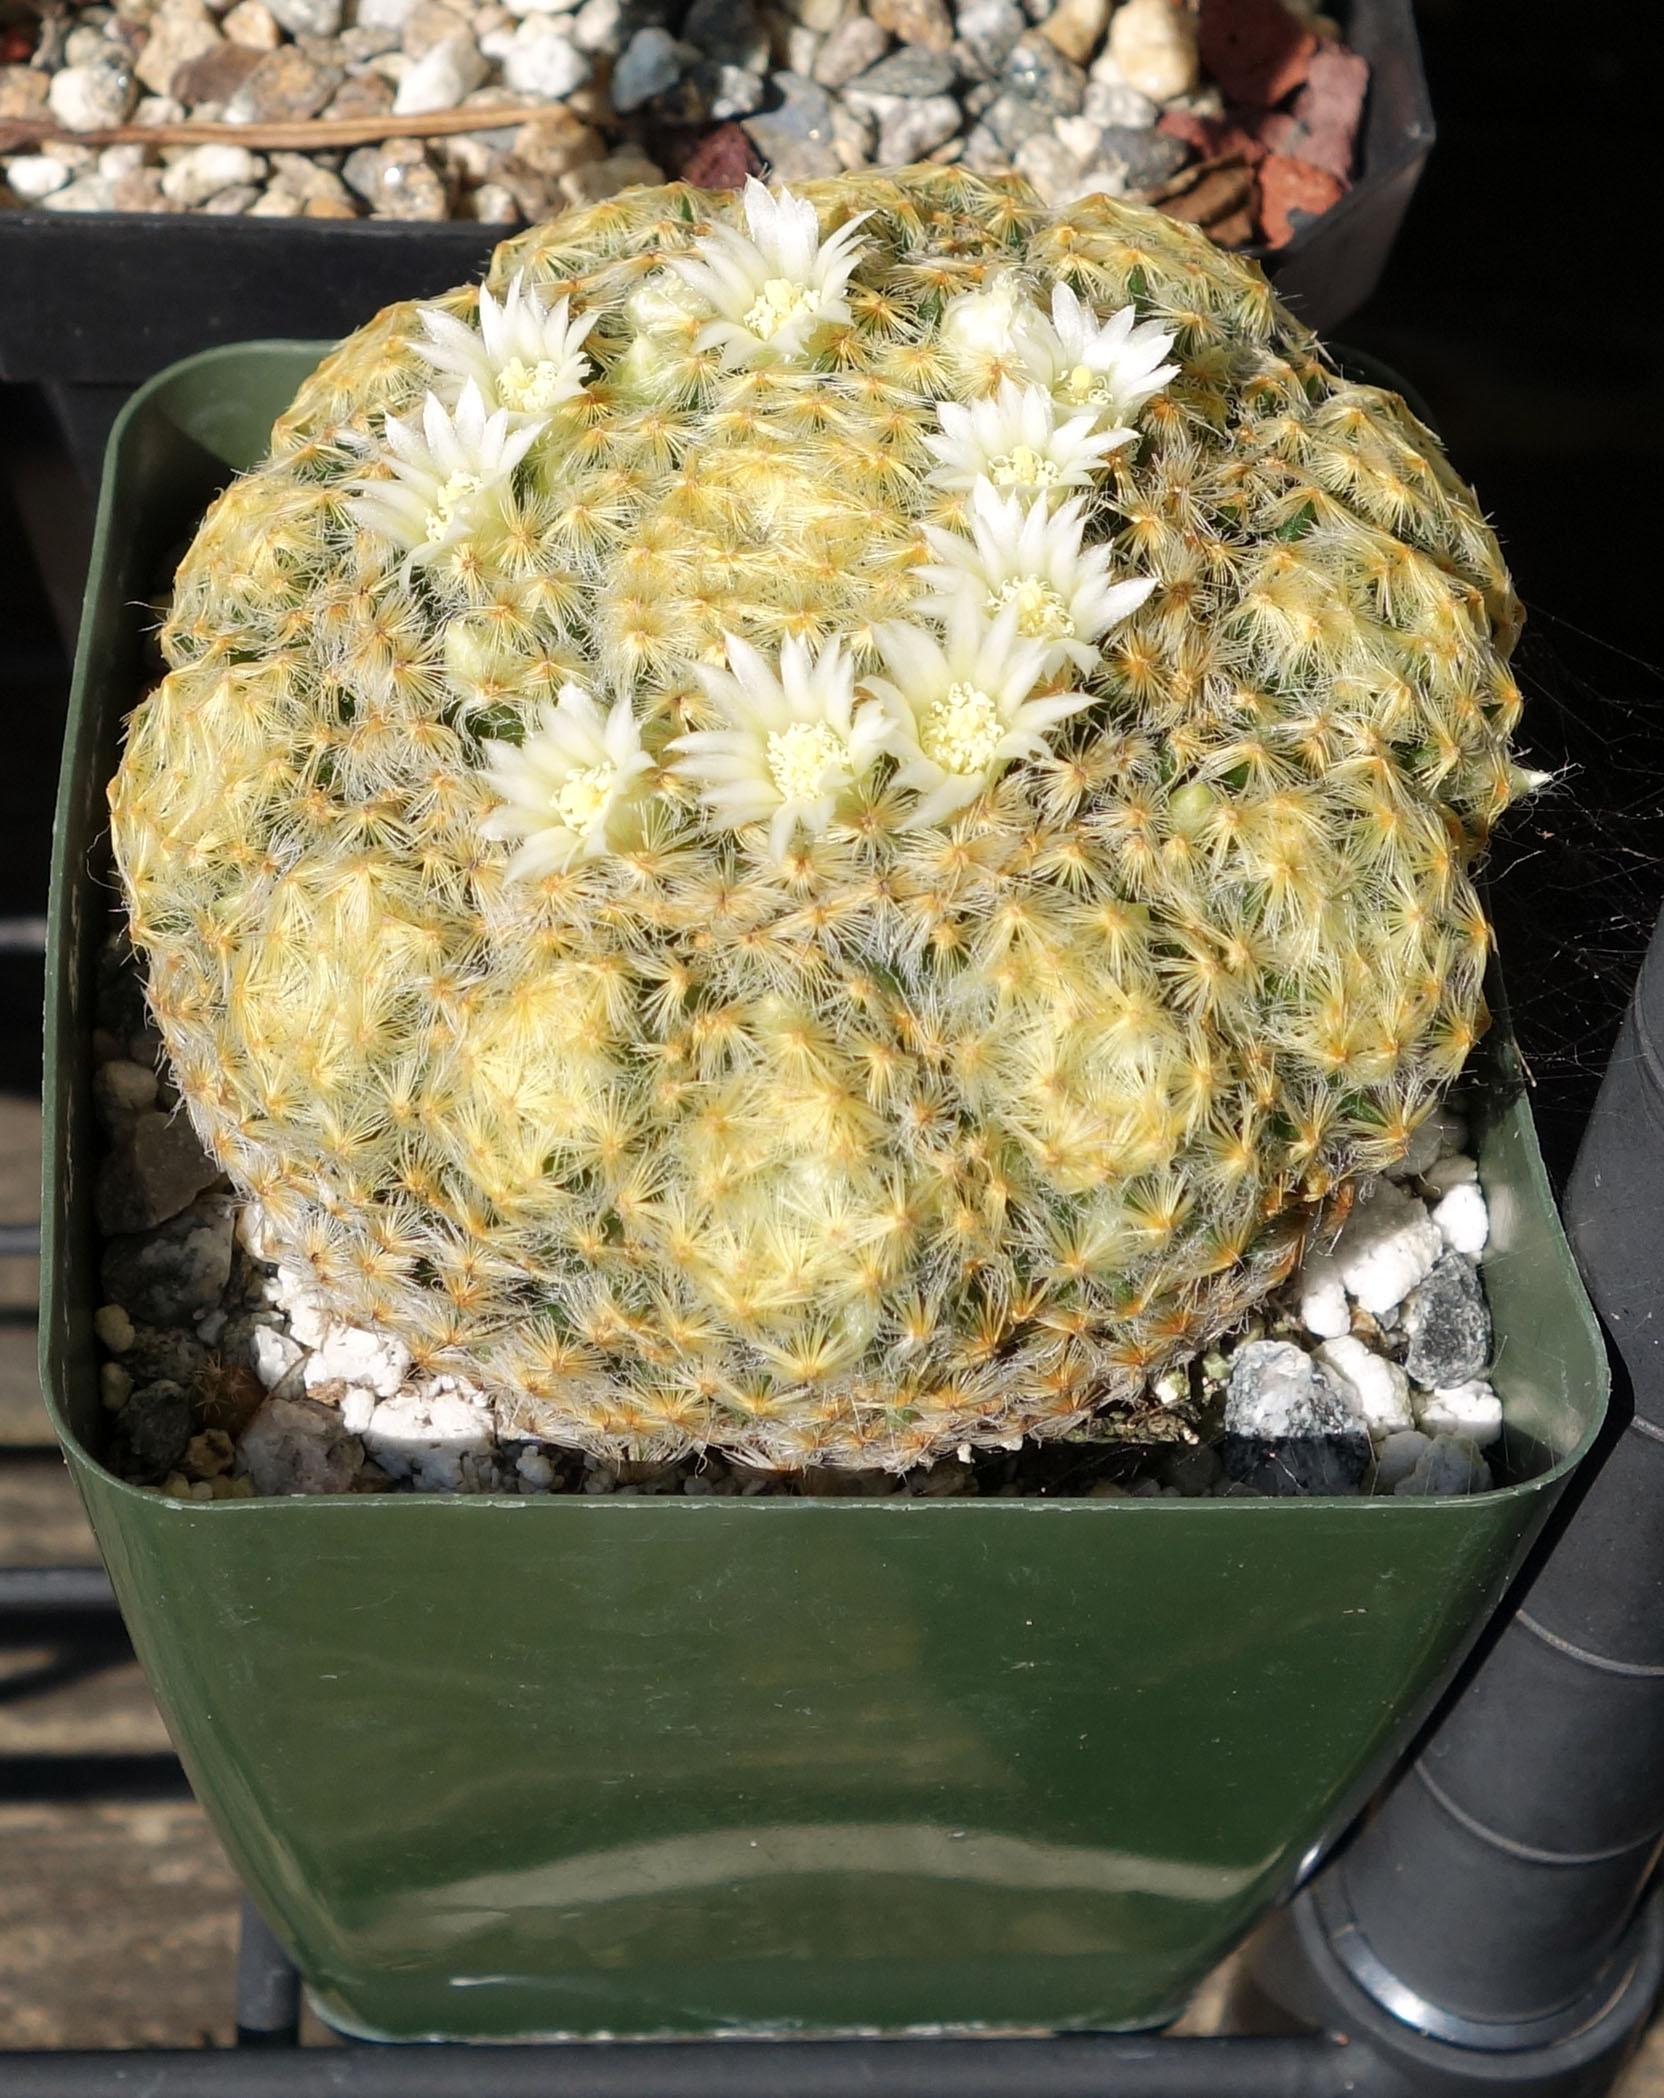 M schiedeana 9-24-17 blooms.jpg